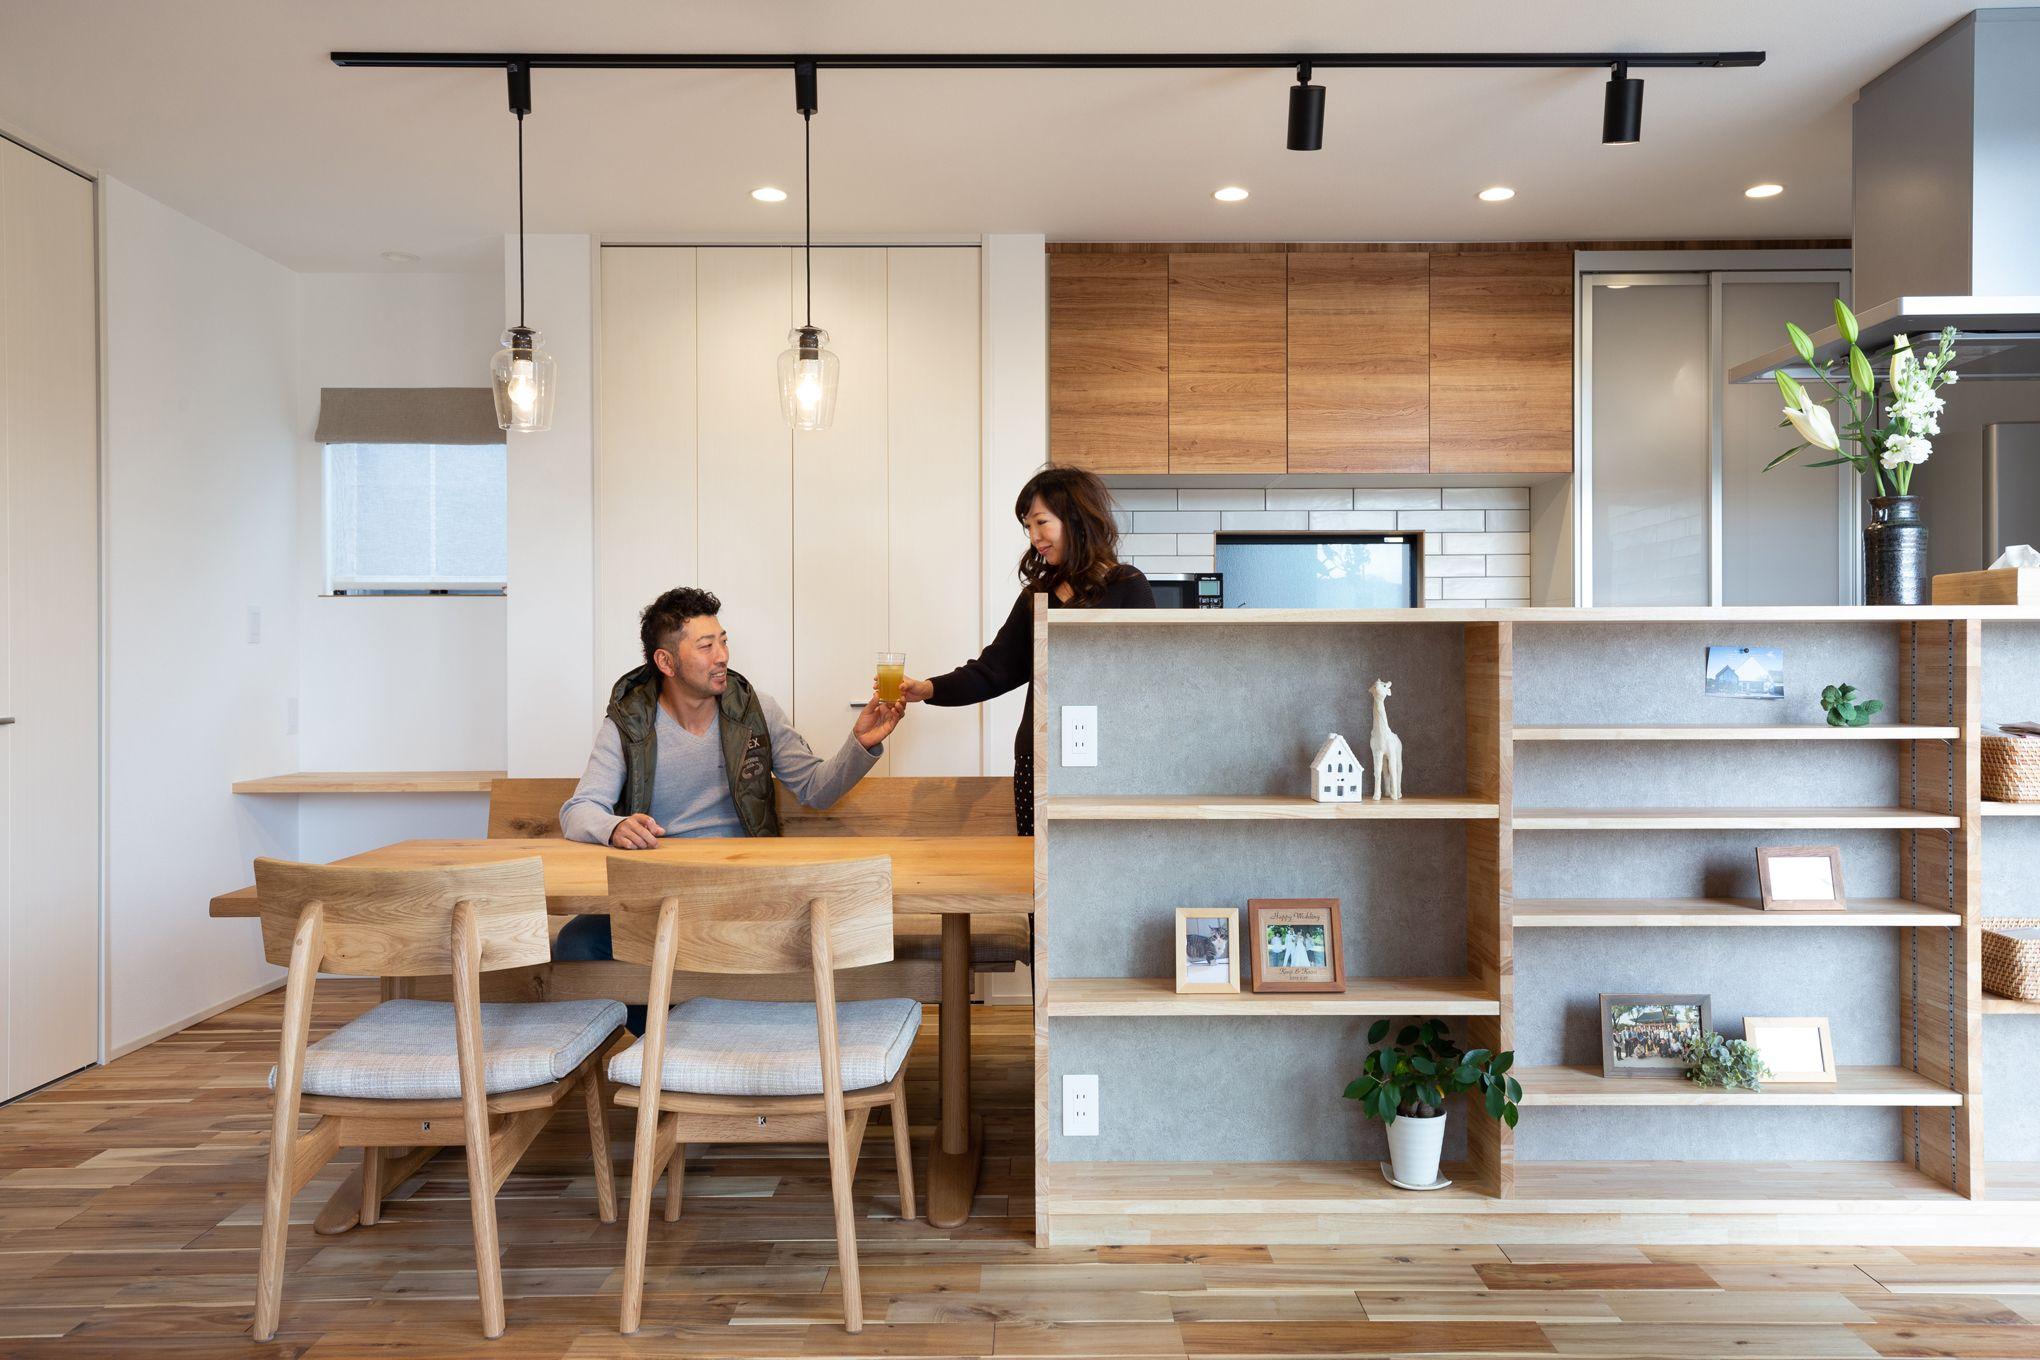 キッチンから繋がるダイニングテーブルは家事の動線もスムーズ Ldk全体を見渡すことができます 注文住宅 インテリアアイデア リビング キッチン